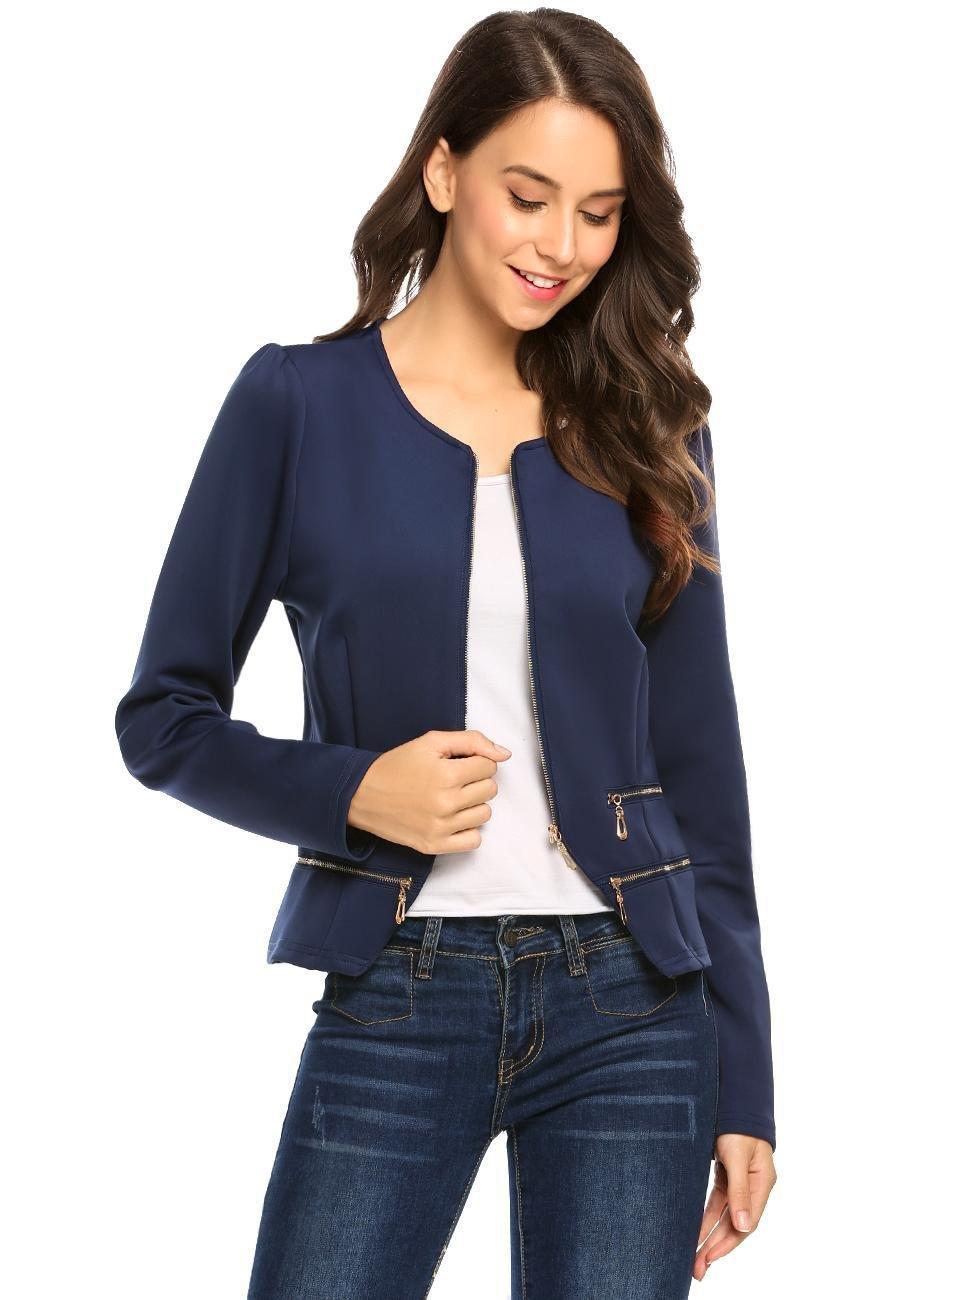 Zeagoo Women's Casual Zipper Cardigan Blazer O Neck Slim Fitted Office Jacket (L, Navy Blue) by Zeagoo (Image #4)